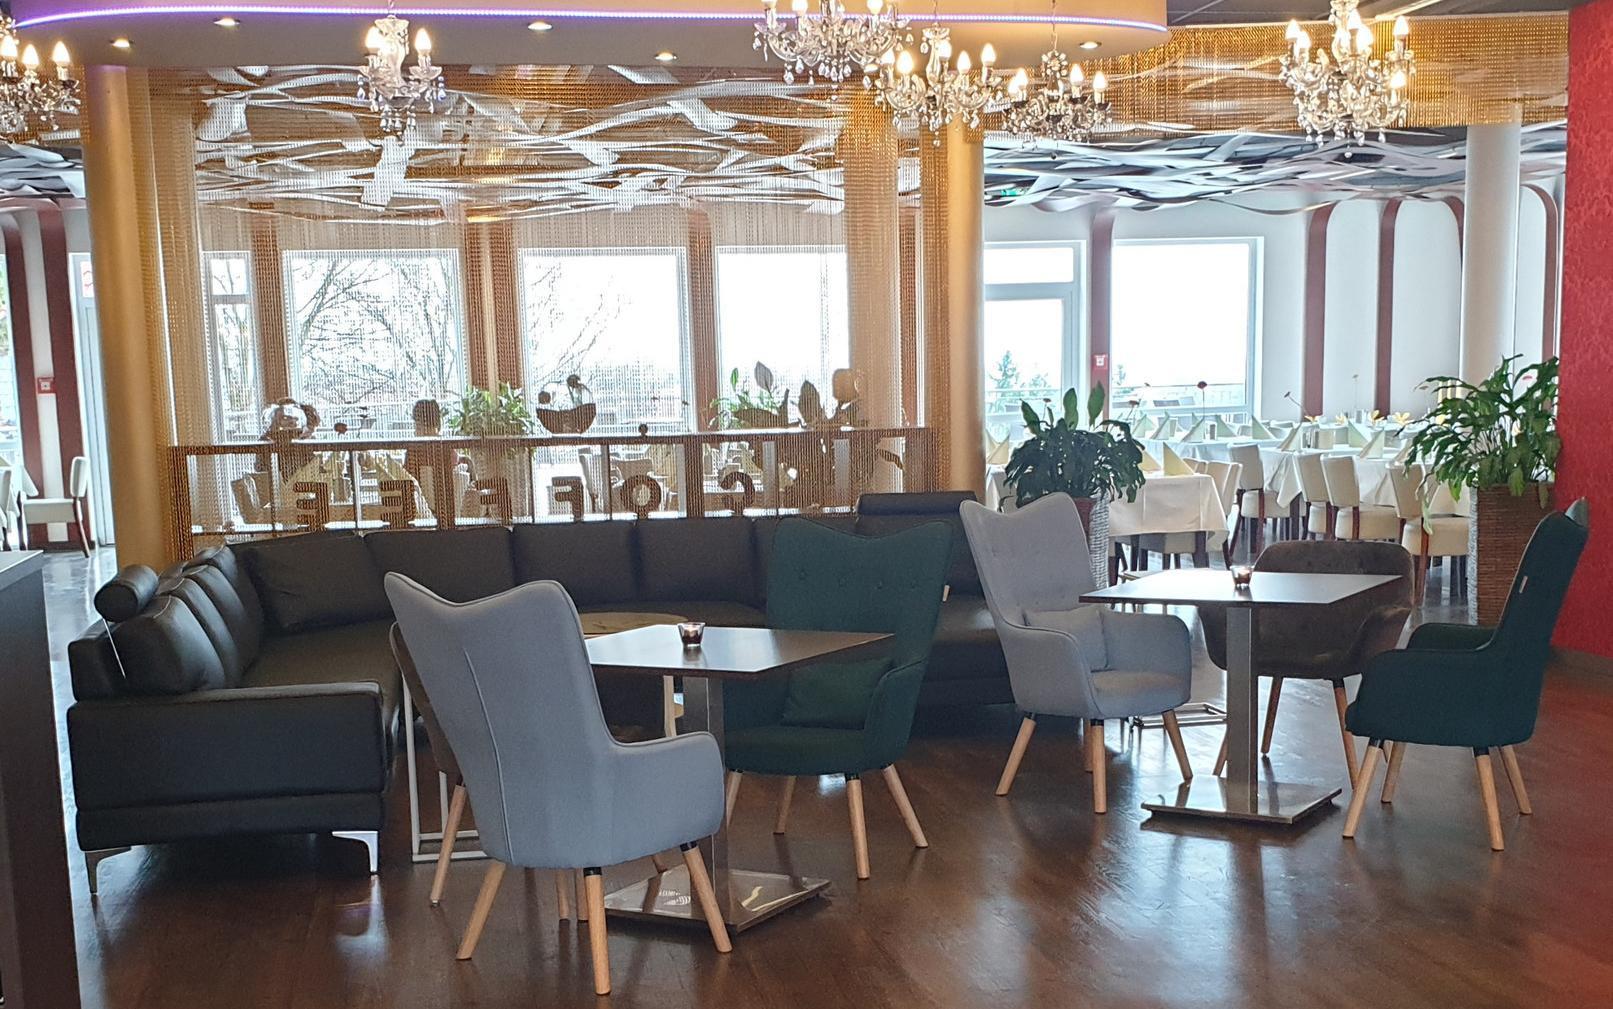 """Auch der Innenbereich ist stilvoll eingerichtet. Diesen Teil des Restaurants nennt Rolf-Dieter Sauer """"Das Wohnzimmer""""."""